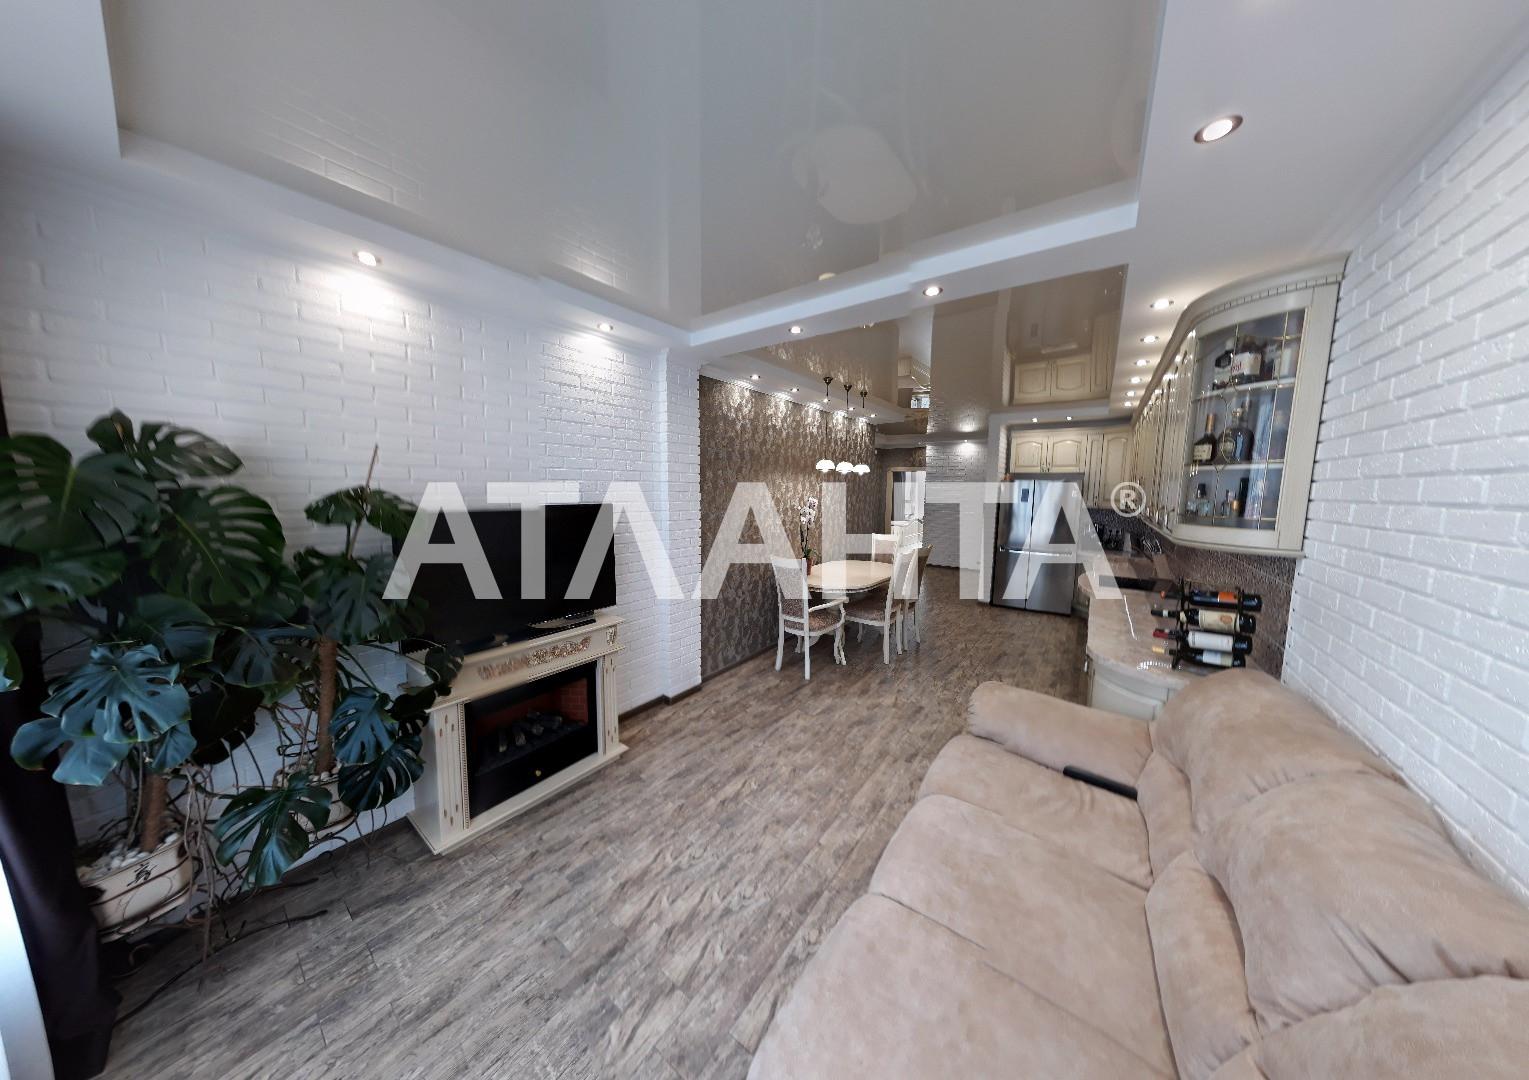 Продается 3-комнатная Квартира на ул. Конева — 165 000 у.е. (фото №5)